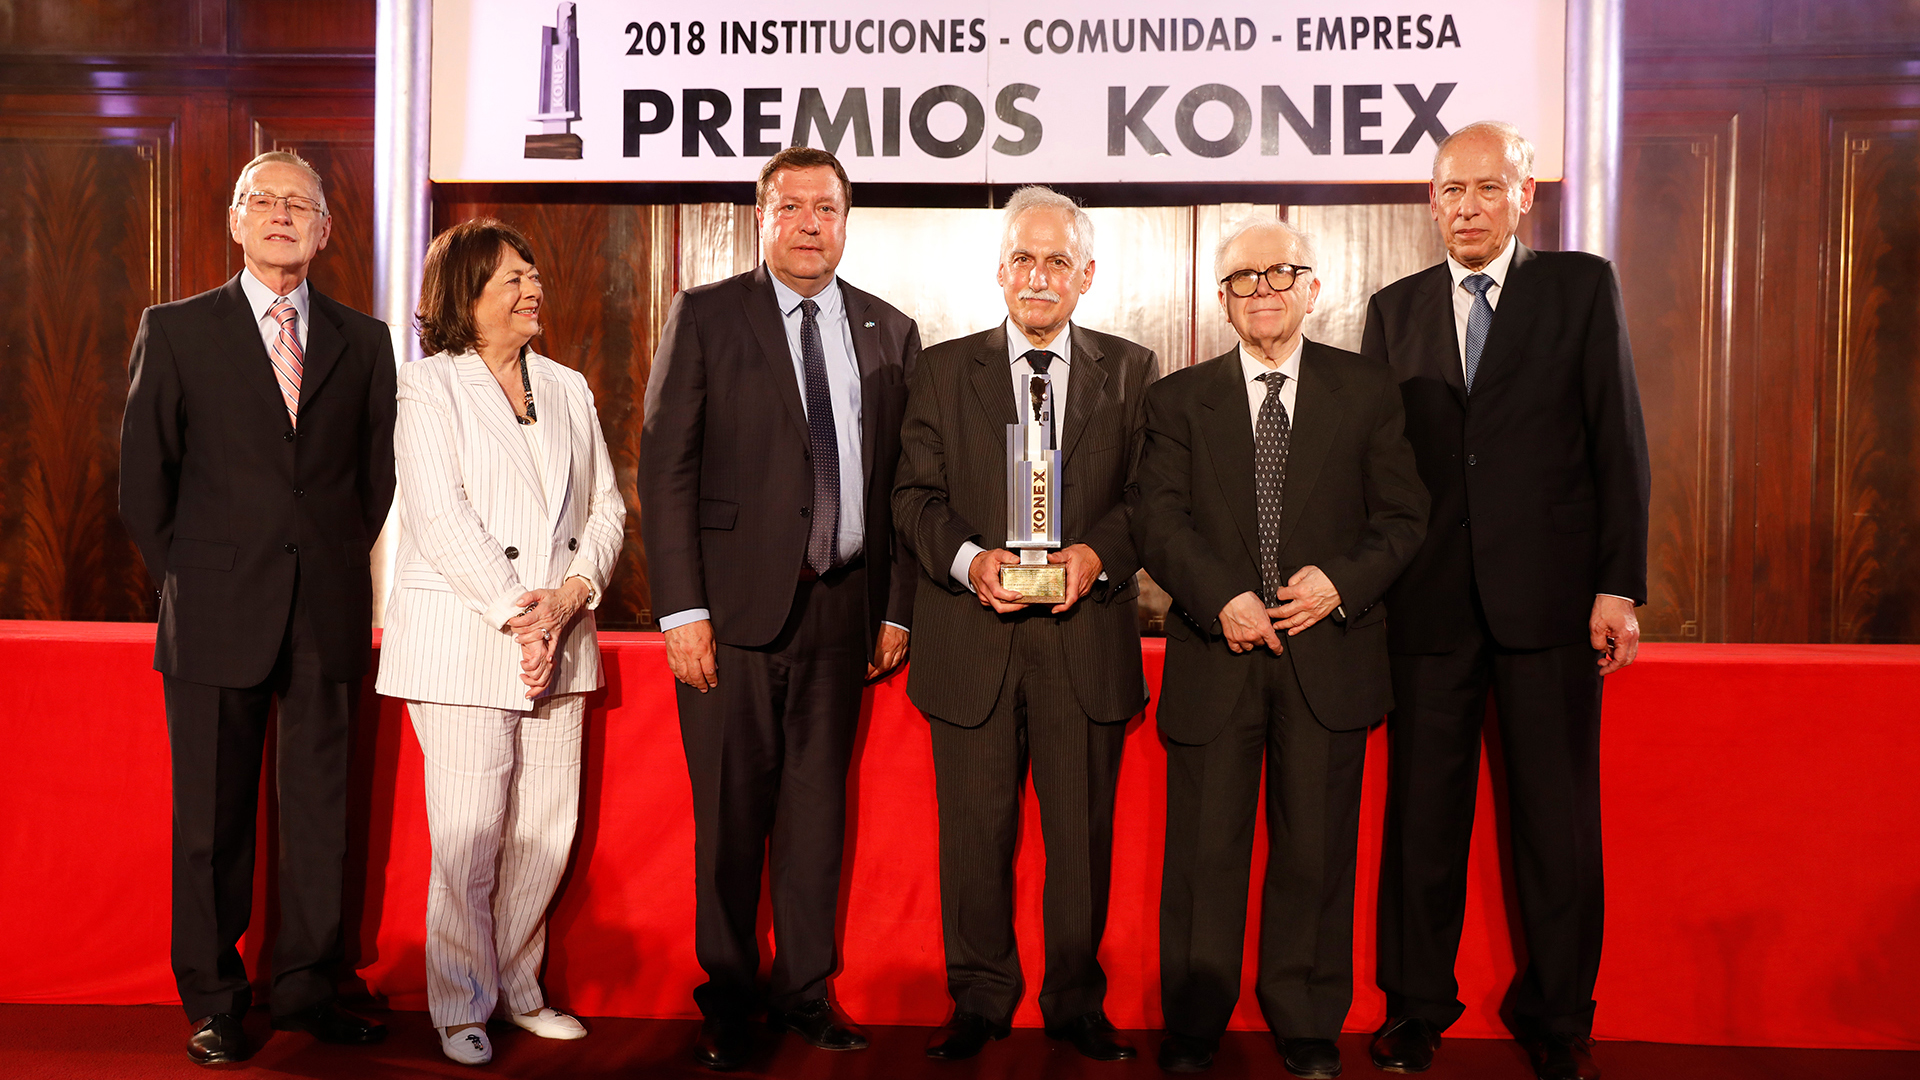 El gobernadorde Río Negro, Alberto Weretilneck, junto al gerente general de INVAP, Héctor Otheguy, y a su fundador Conrado Varotto